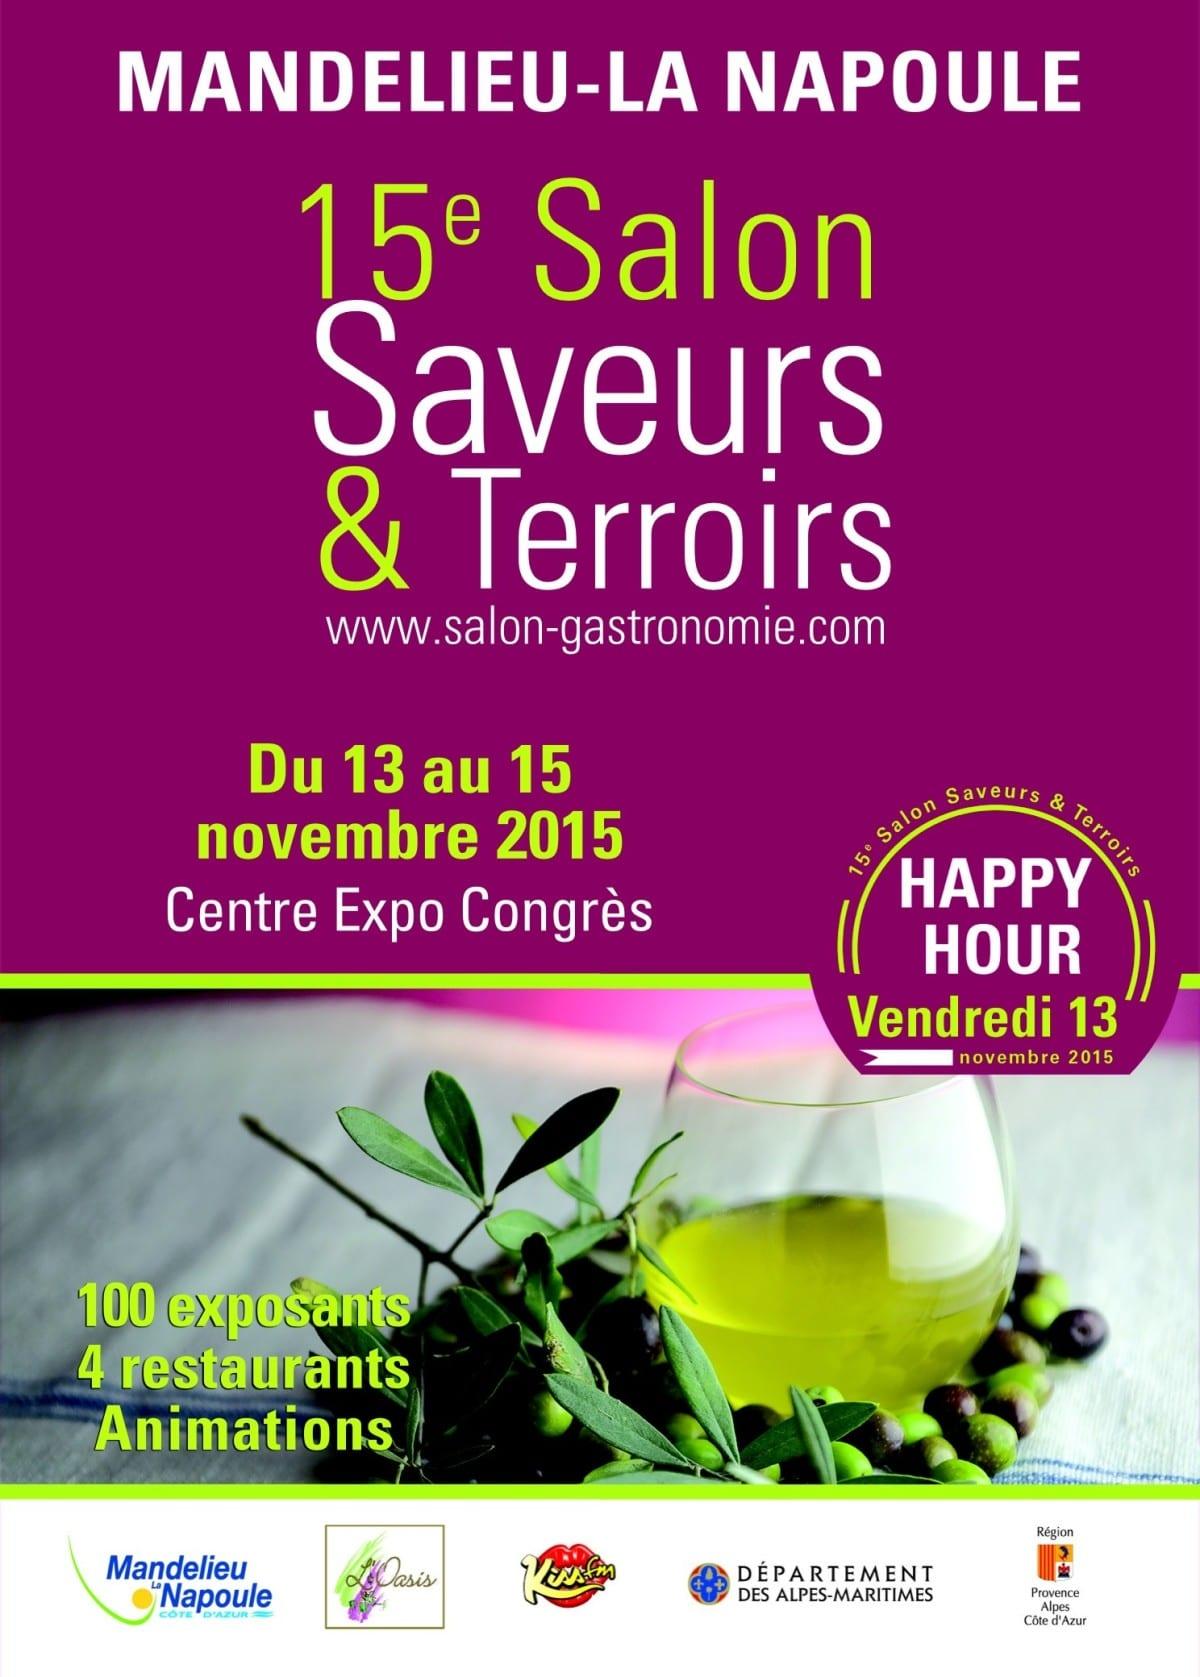 Salon saveurs et terroirs mandelieu du 13 au 15 11 for Salon saveurs